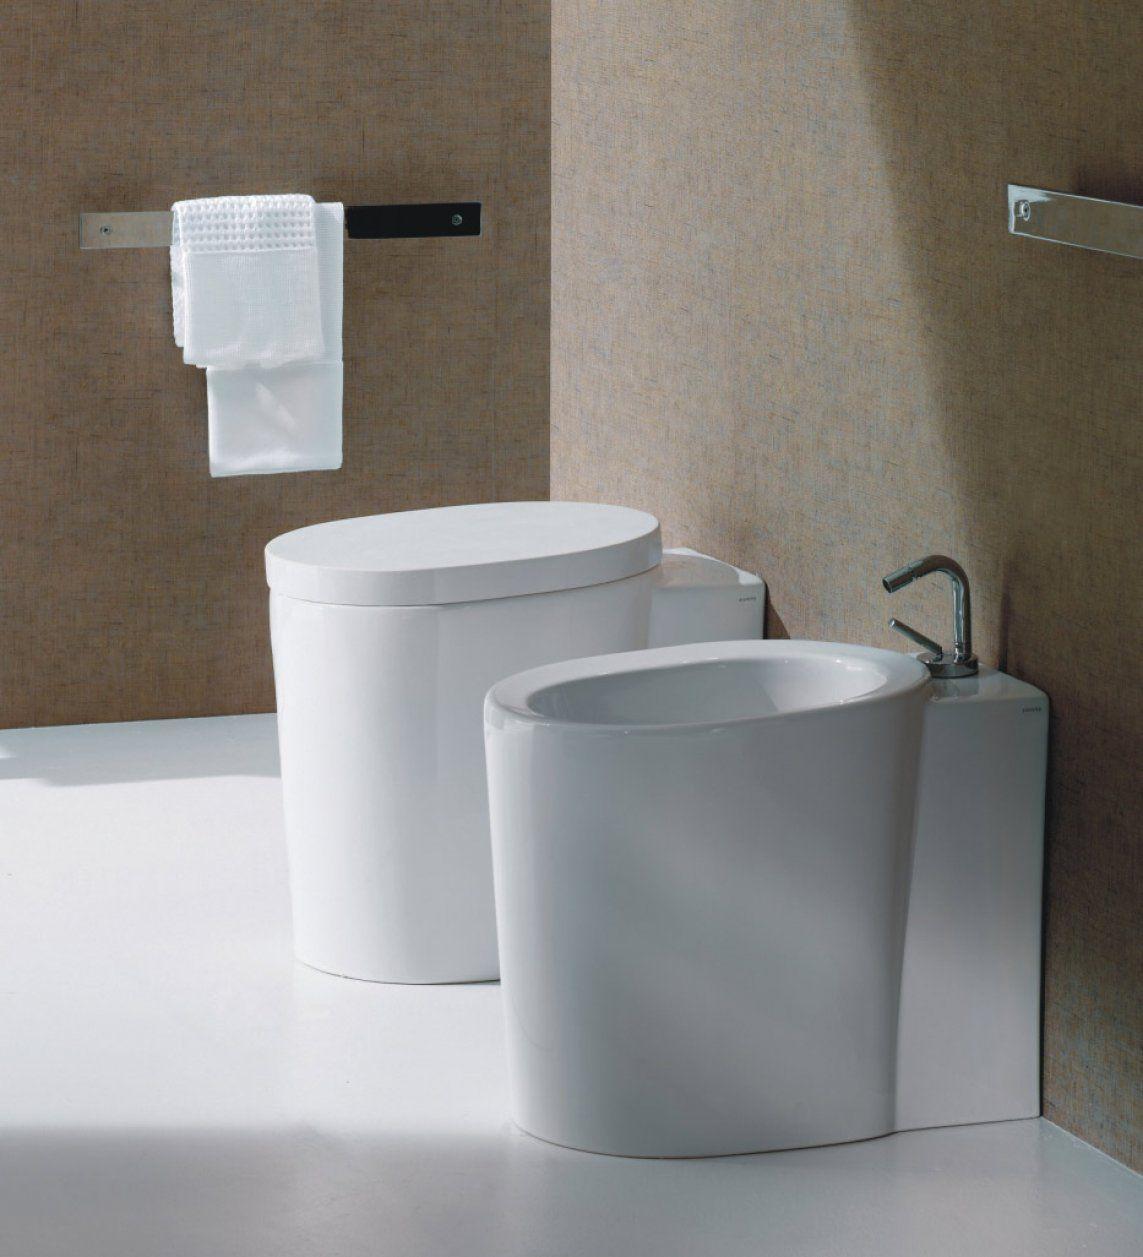 Alta staand toilet tegen achterwand modern ovaal staand vloertoilet uit de alta serie